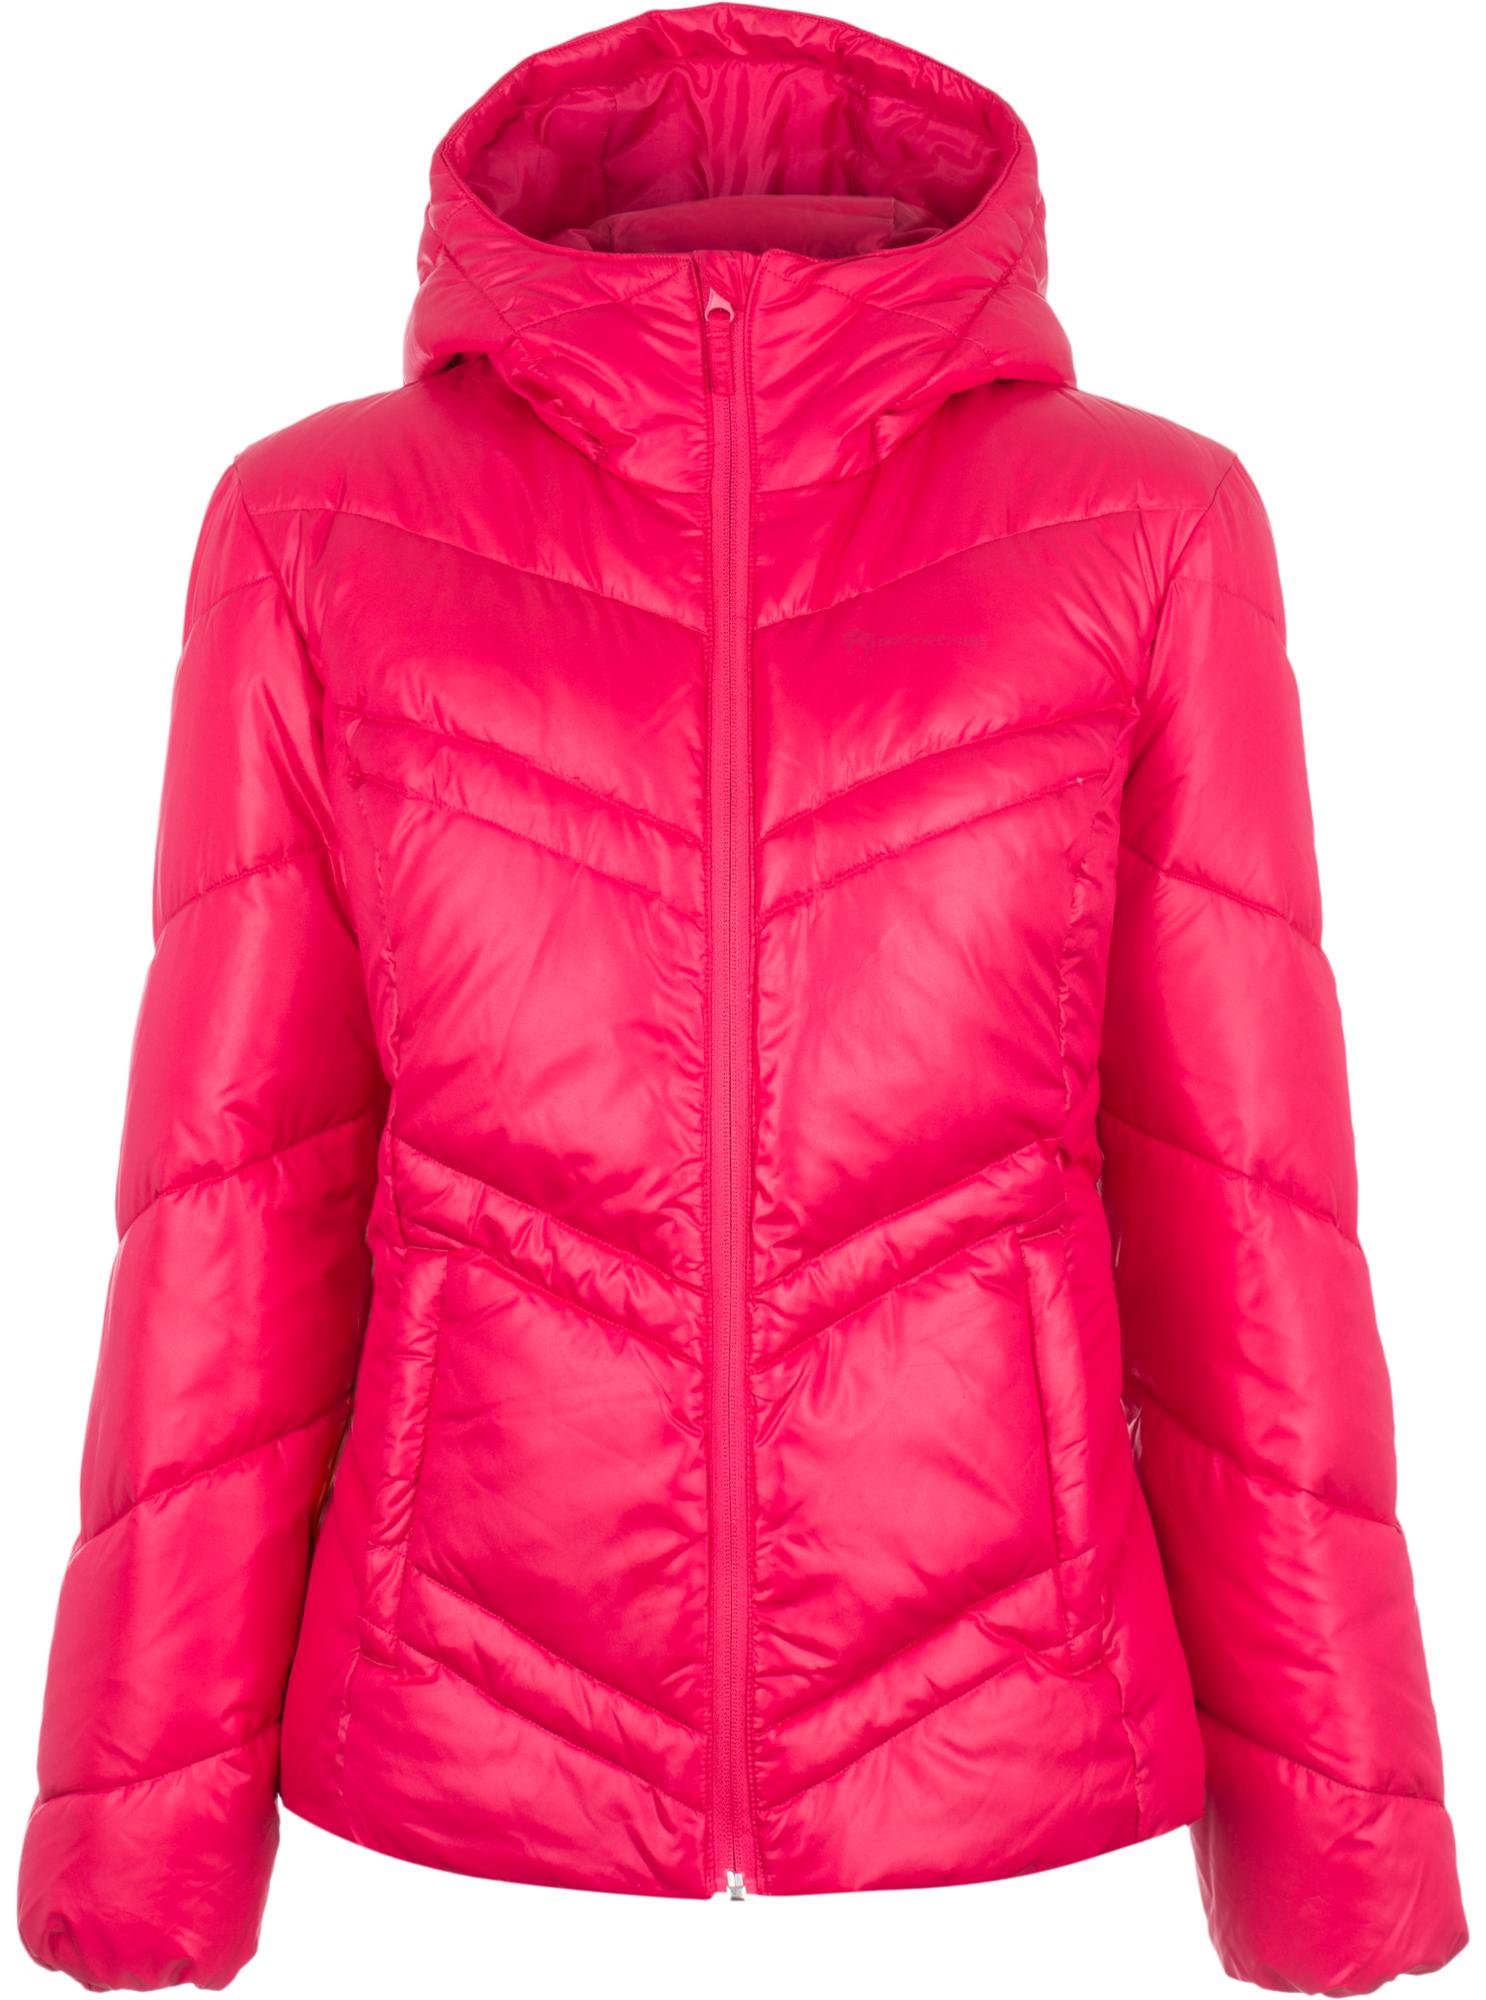 Outventure Куртка пуховая женская Outventure, размер 54 outventure фляга outventure